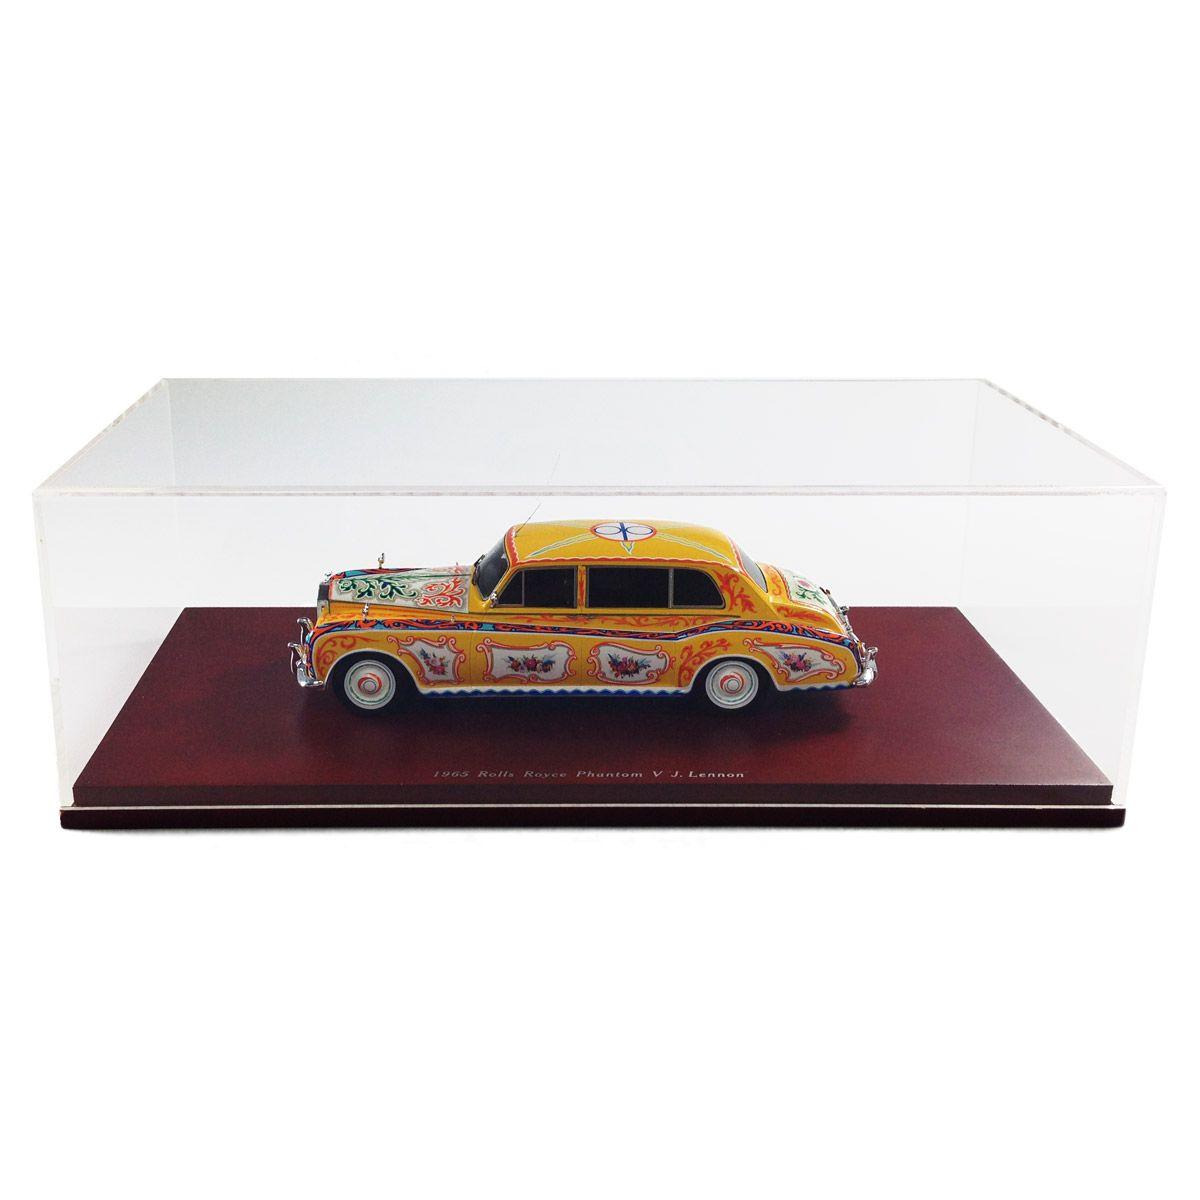 1965 Rolls Royce Phantom V Mulliner Park Ward ´´J. Lennon´´